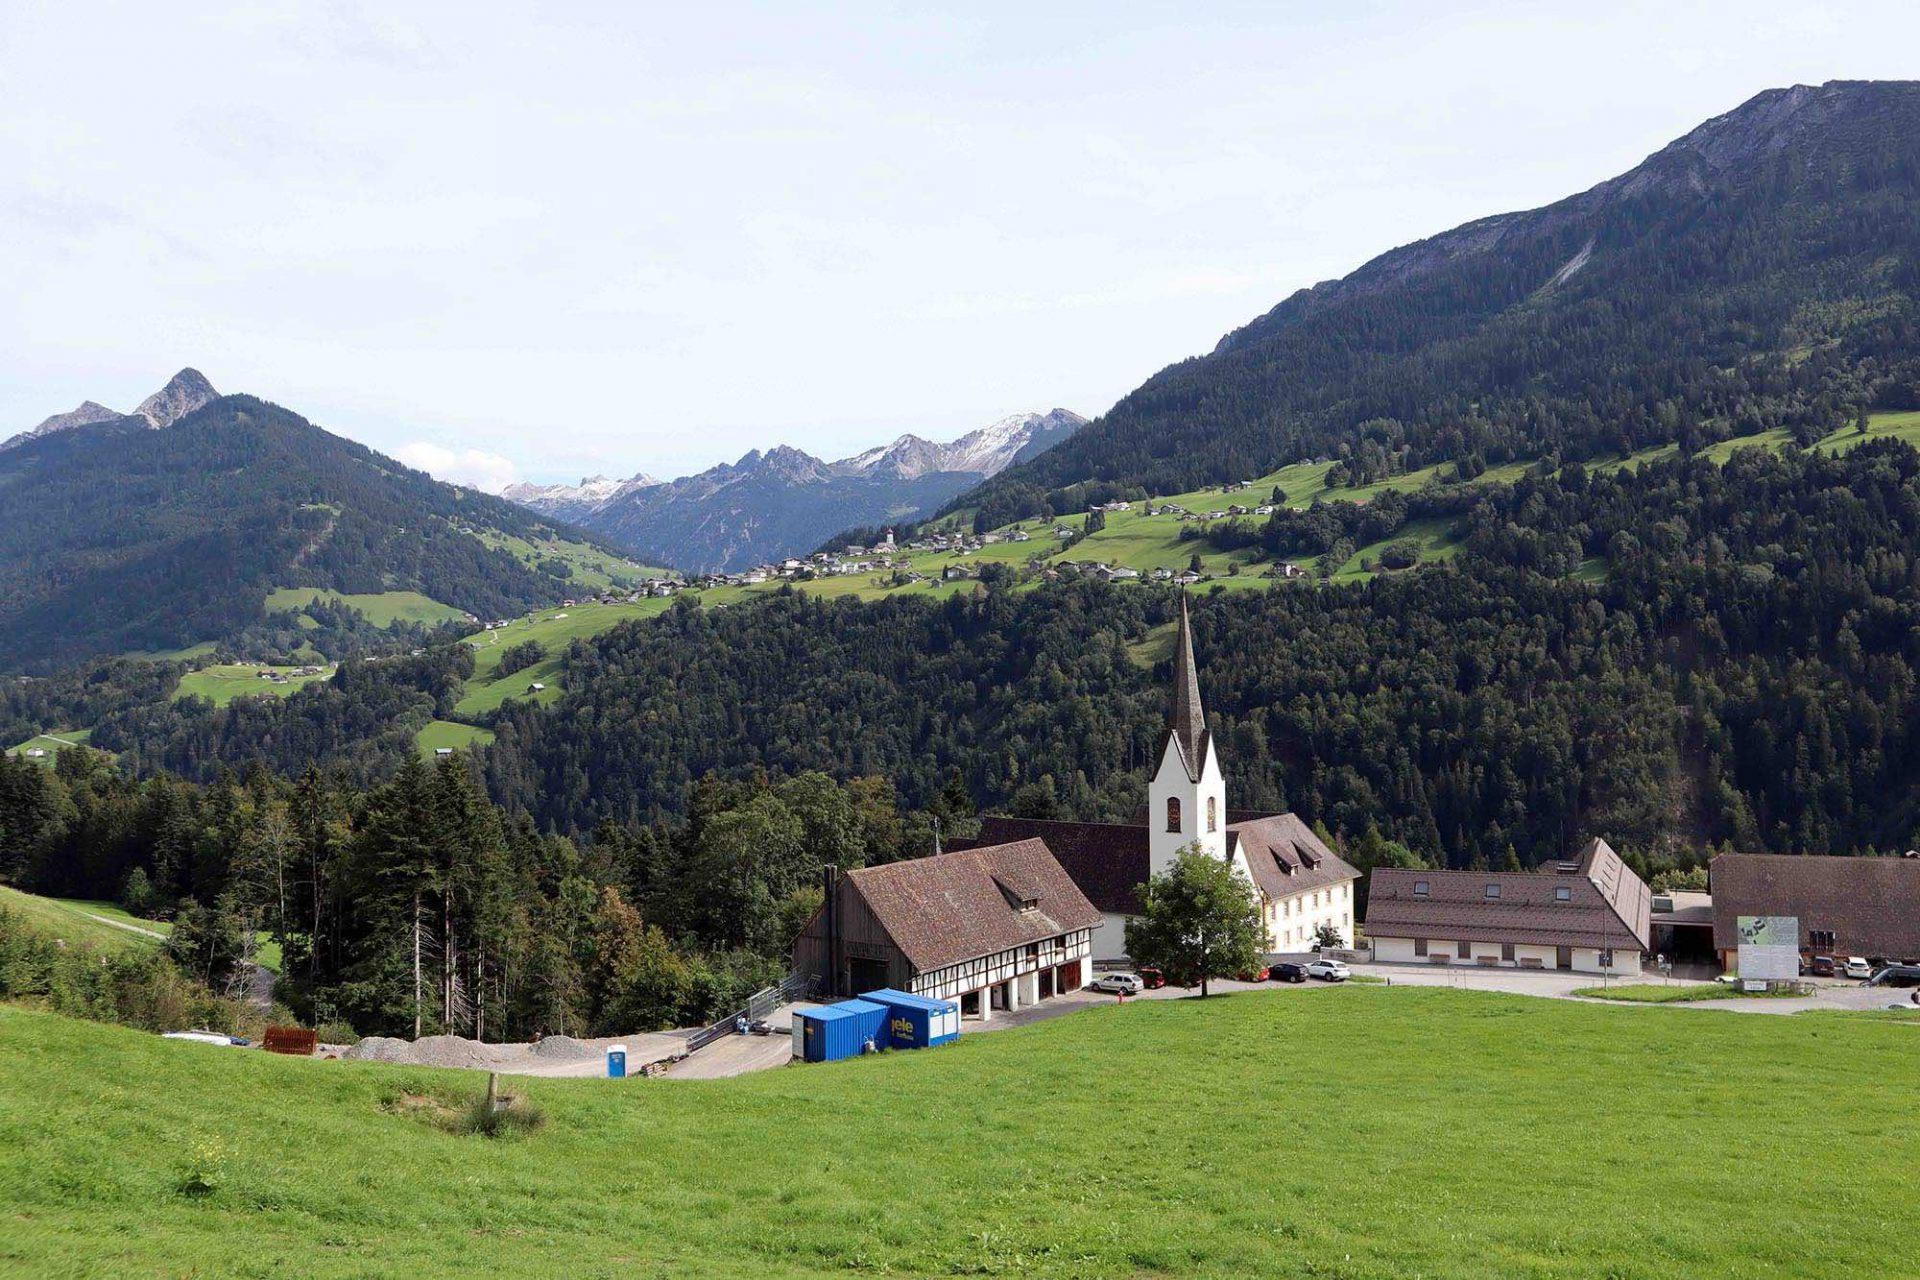 Propstei St. Gerold. Die kulturelle Keimzelle und das spirituelle Zentrum des Tals.